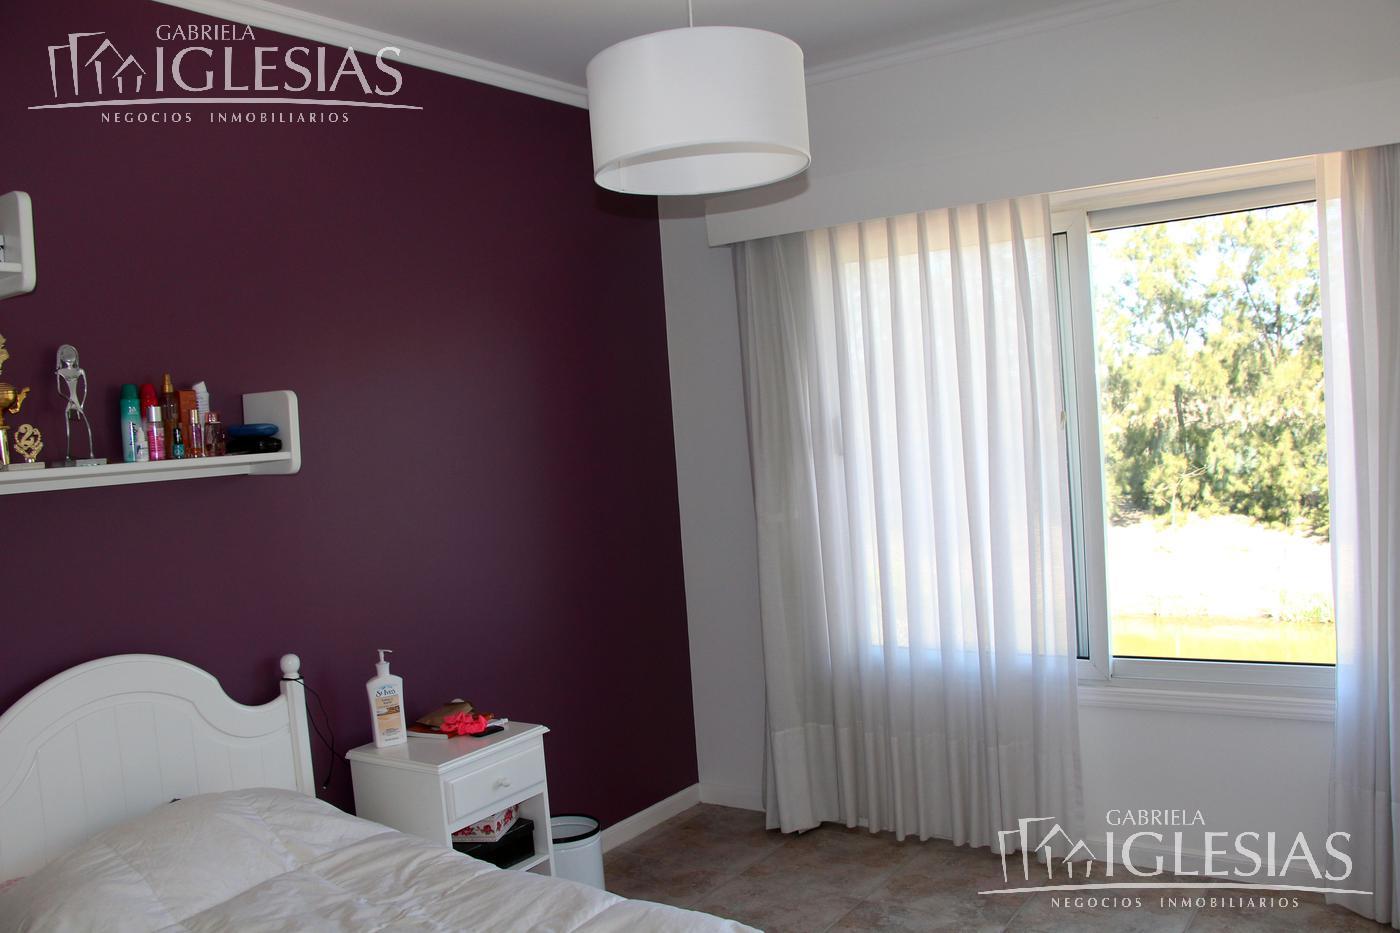 Casa en Alquiler en Barrancas del Lago a Alquiler - $ 40.000